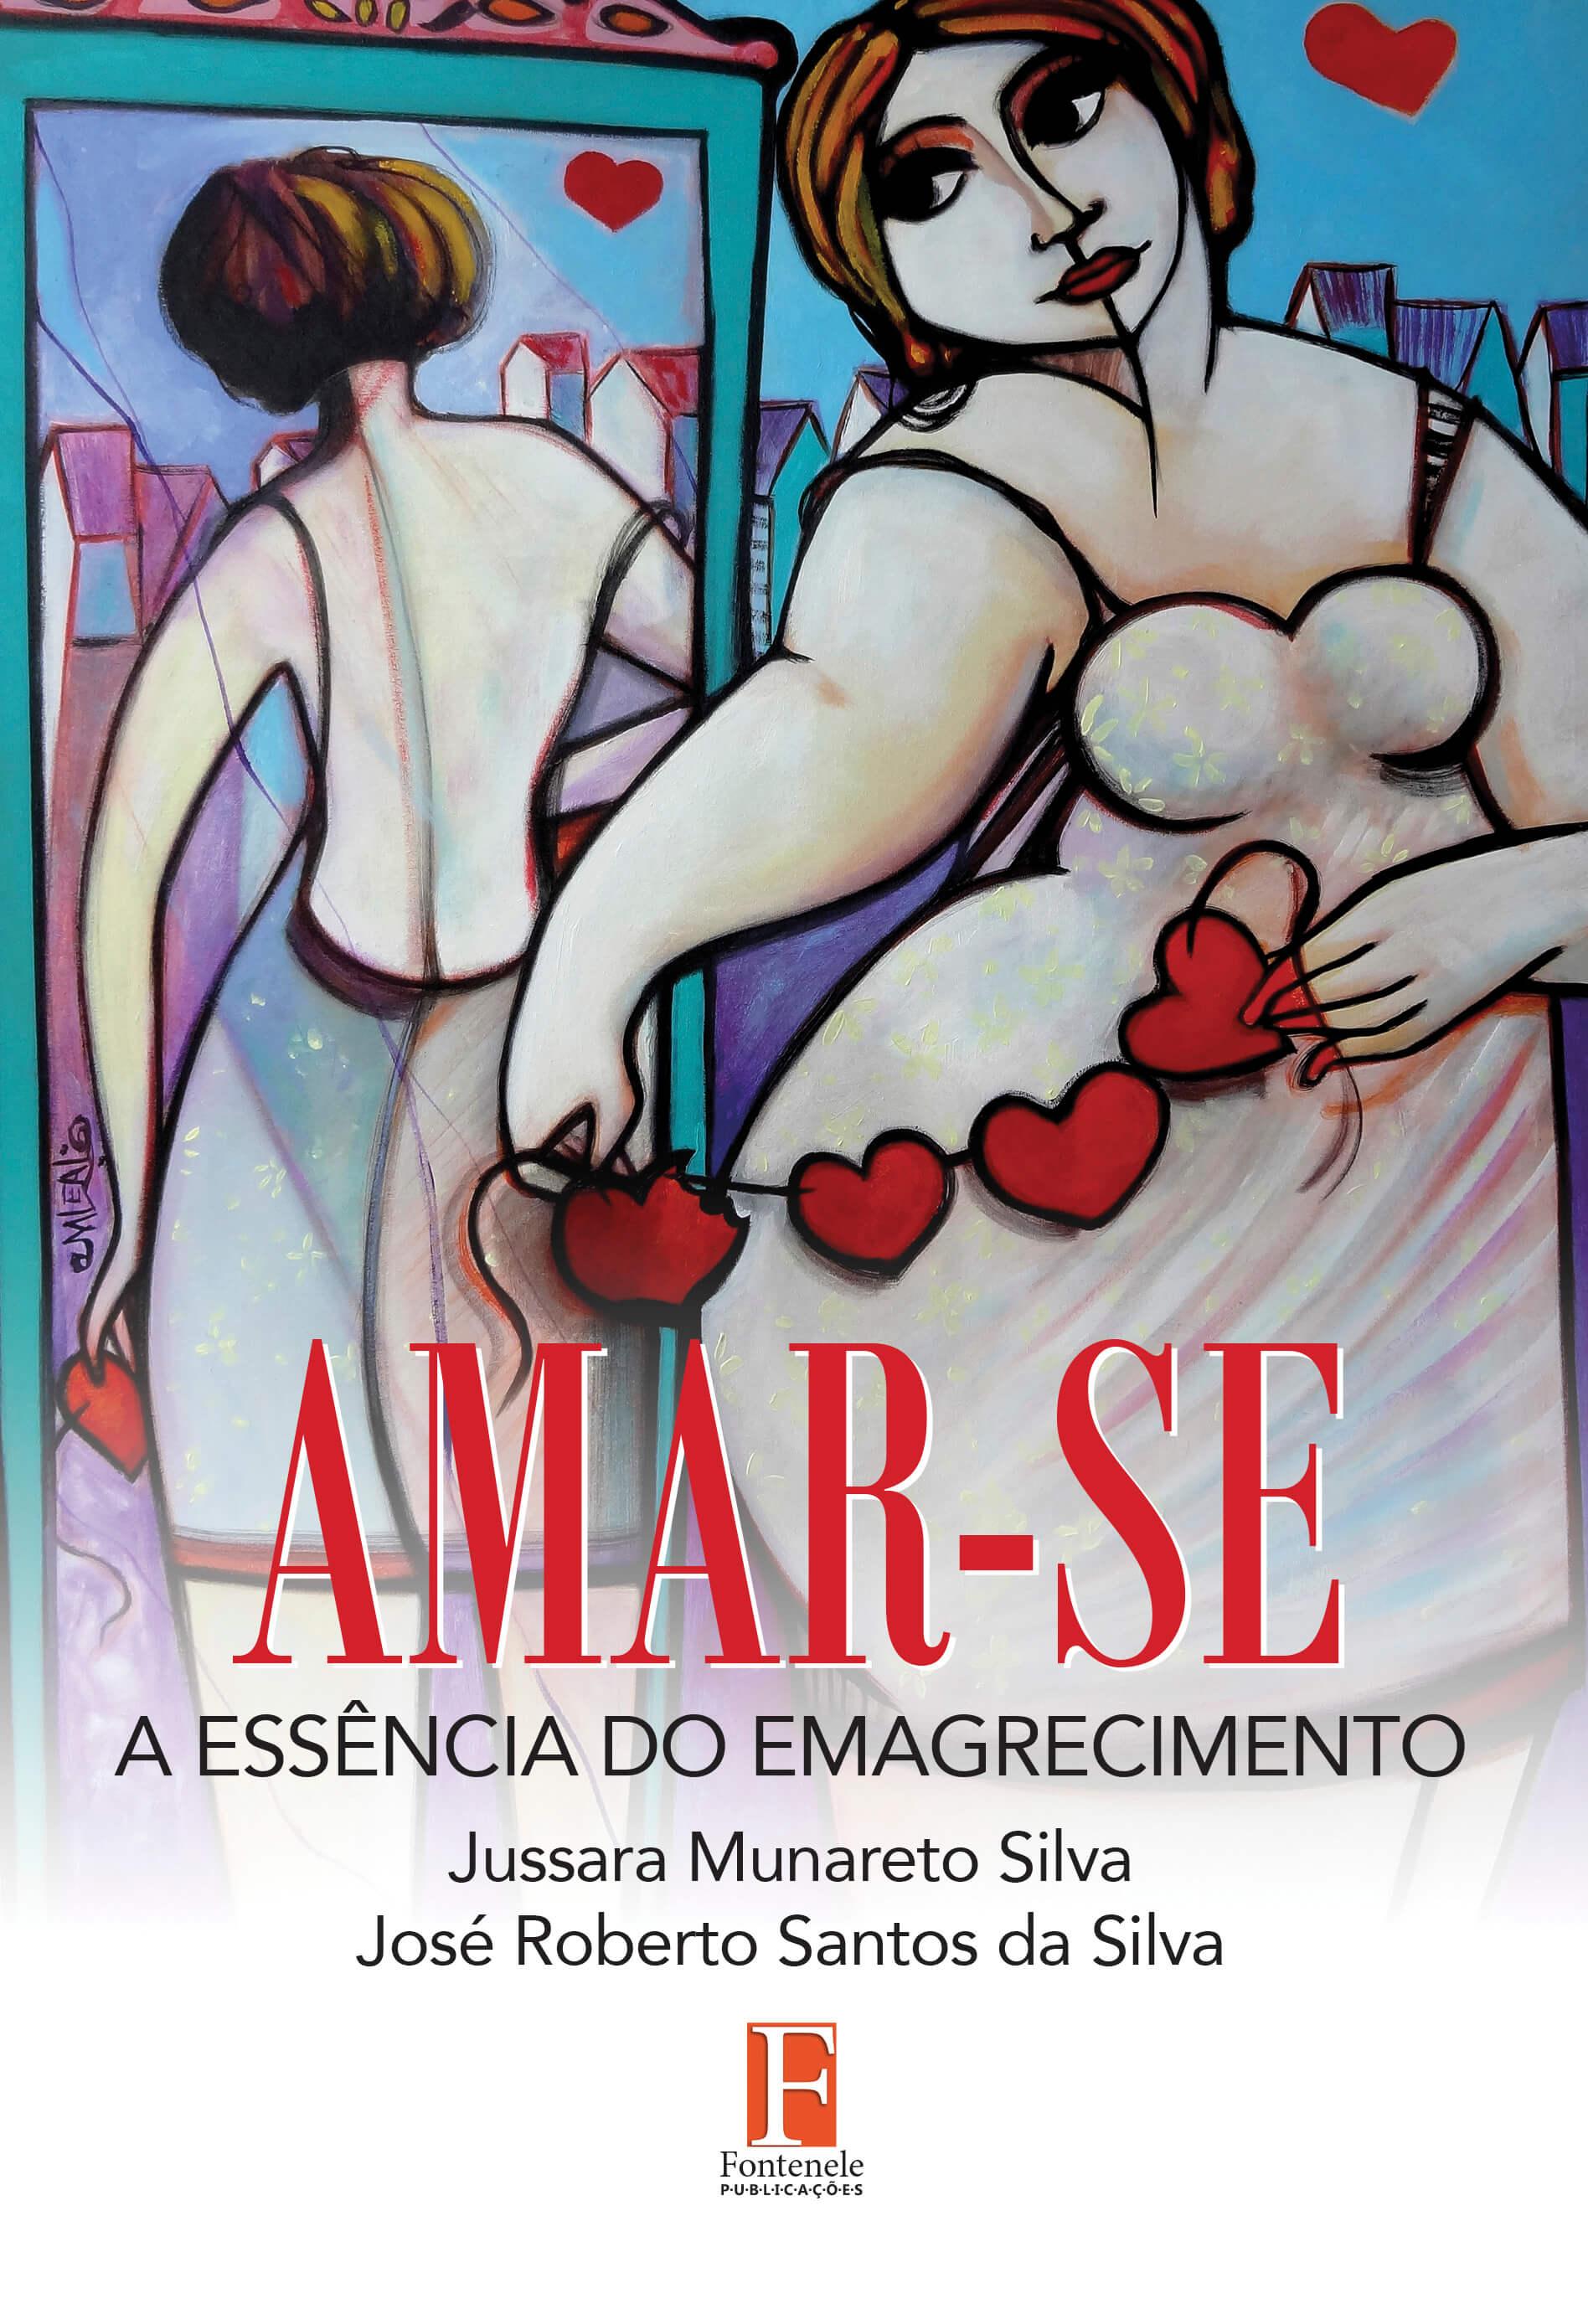 Fontenele Publicações / 11 95150-3481 / 11  95150-4383 AMAR-SE: A Essência do Emagrecimento